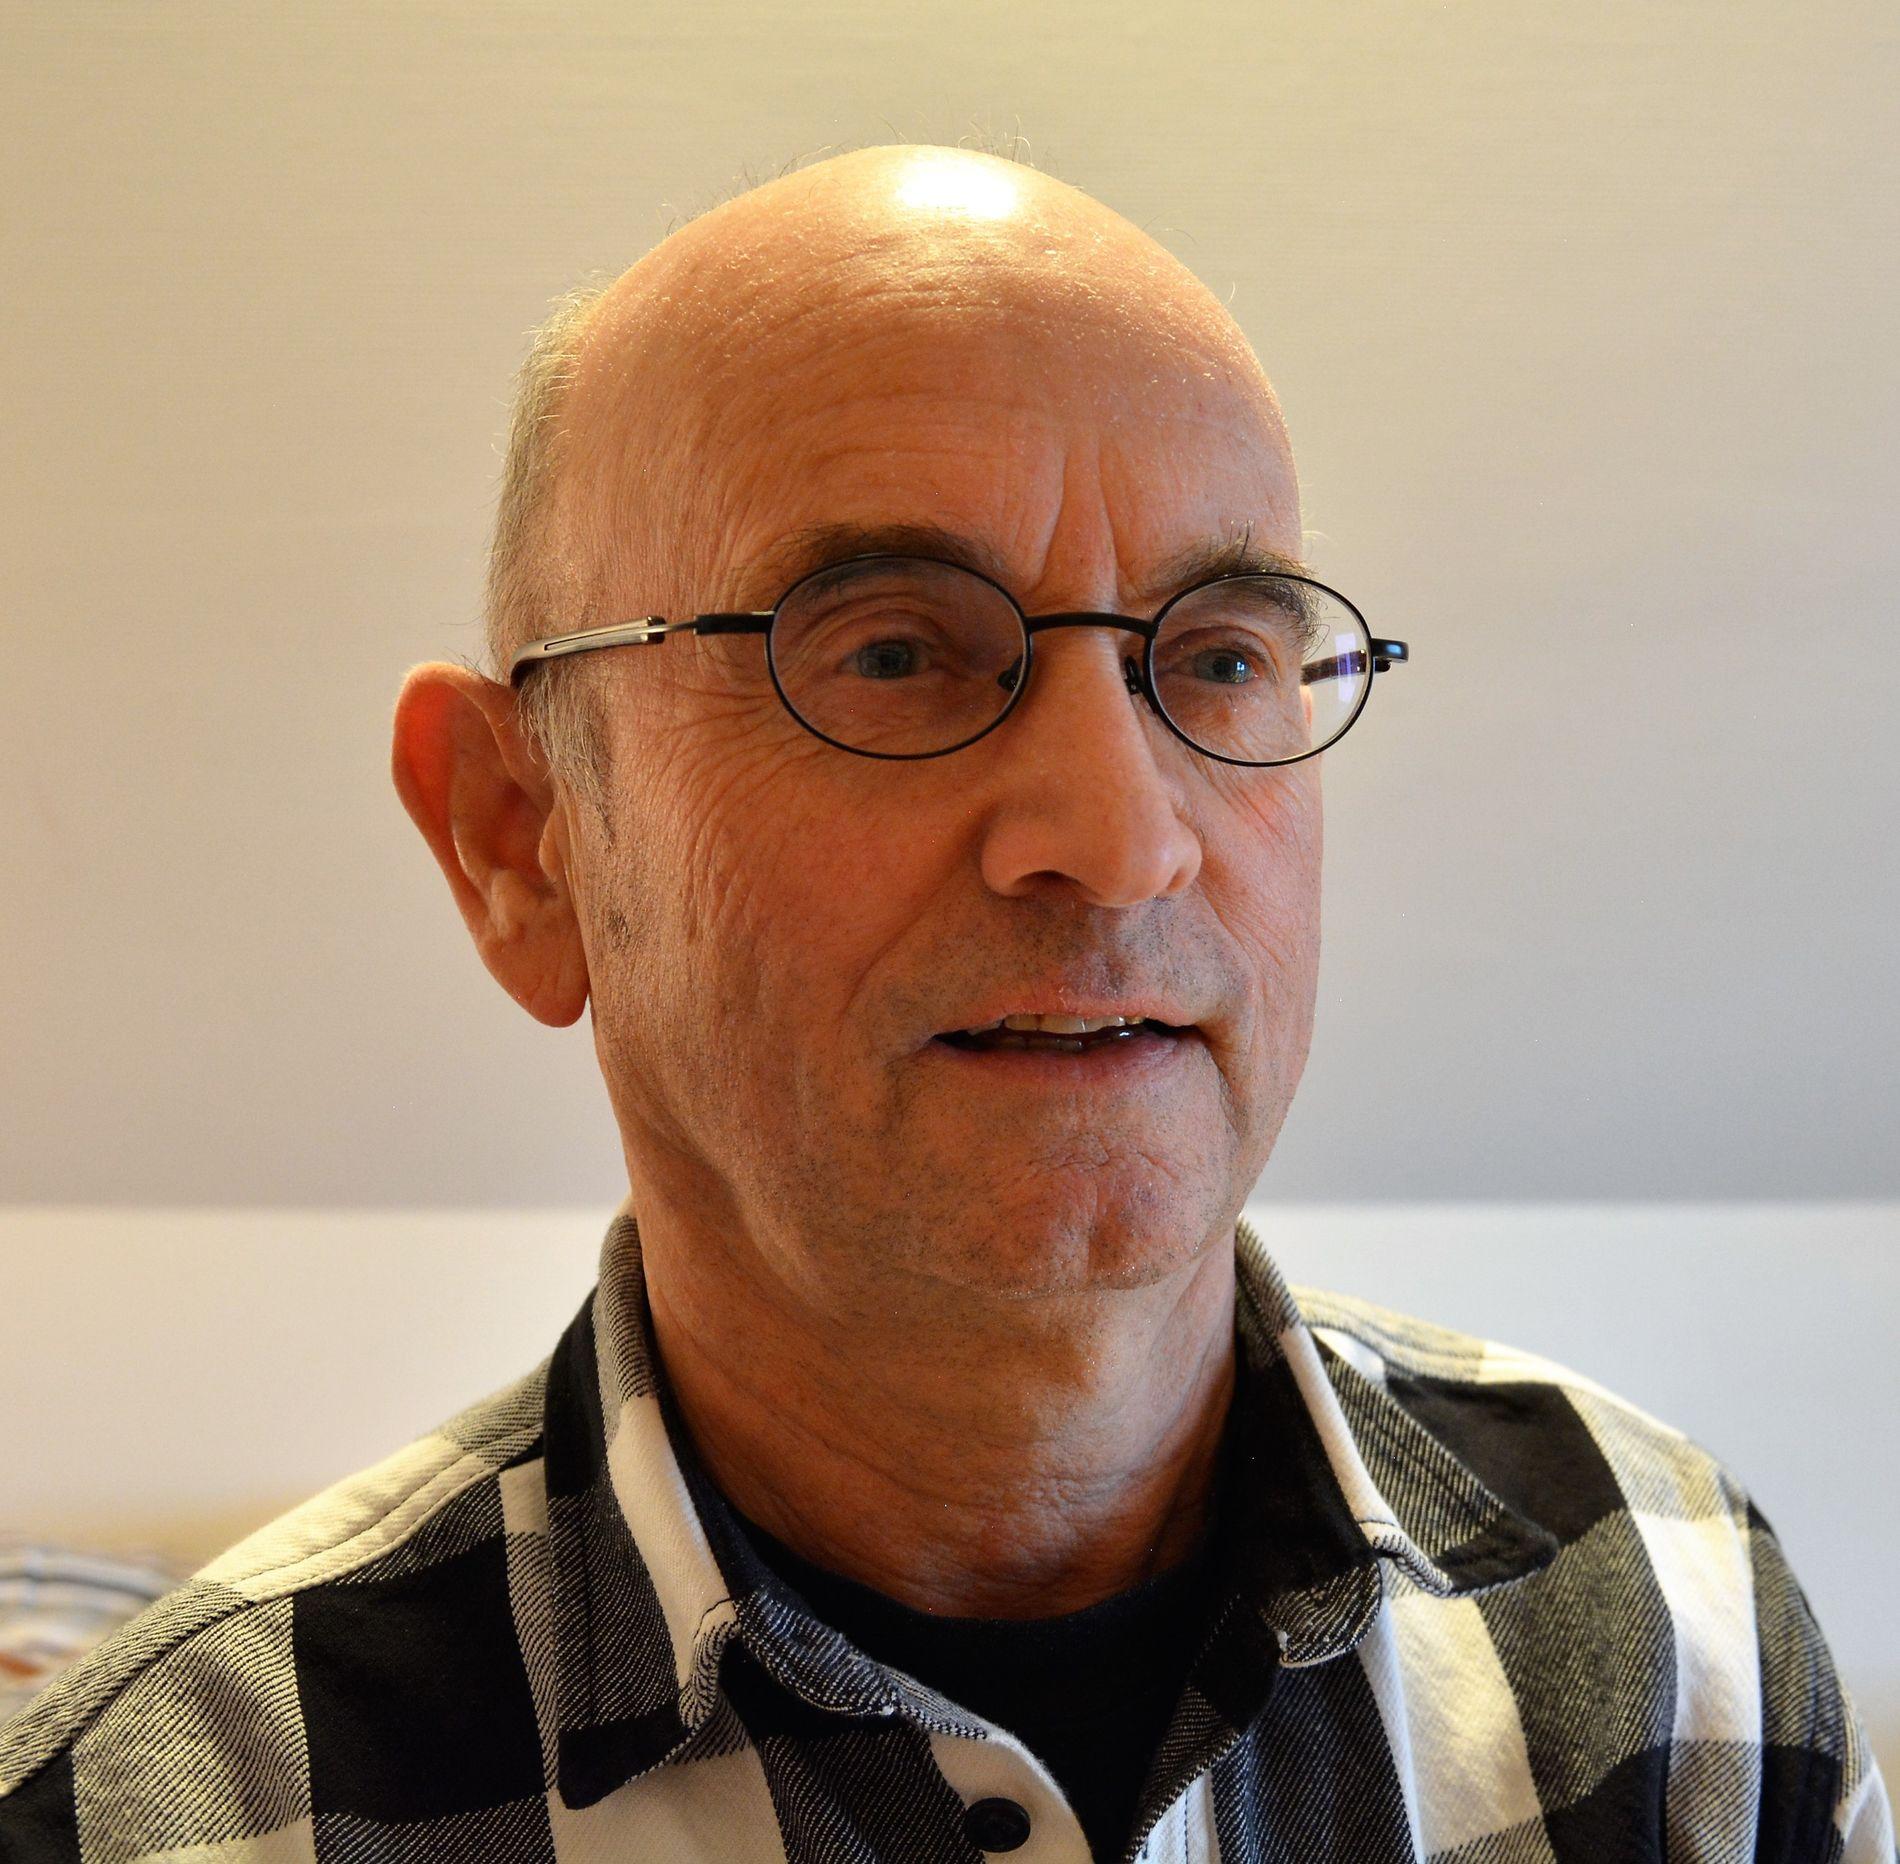 Lars Jørgen Vik